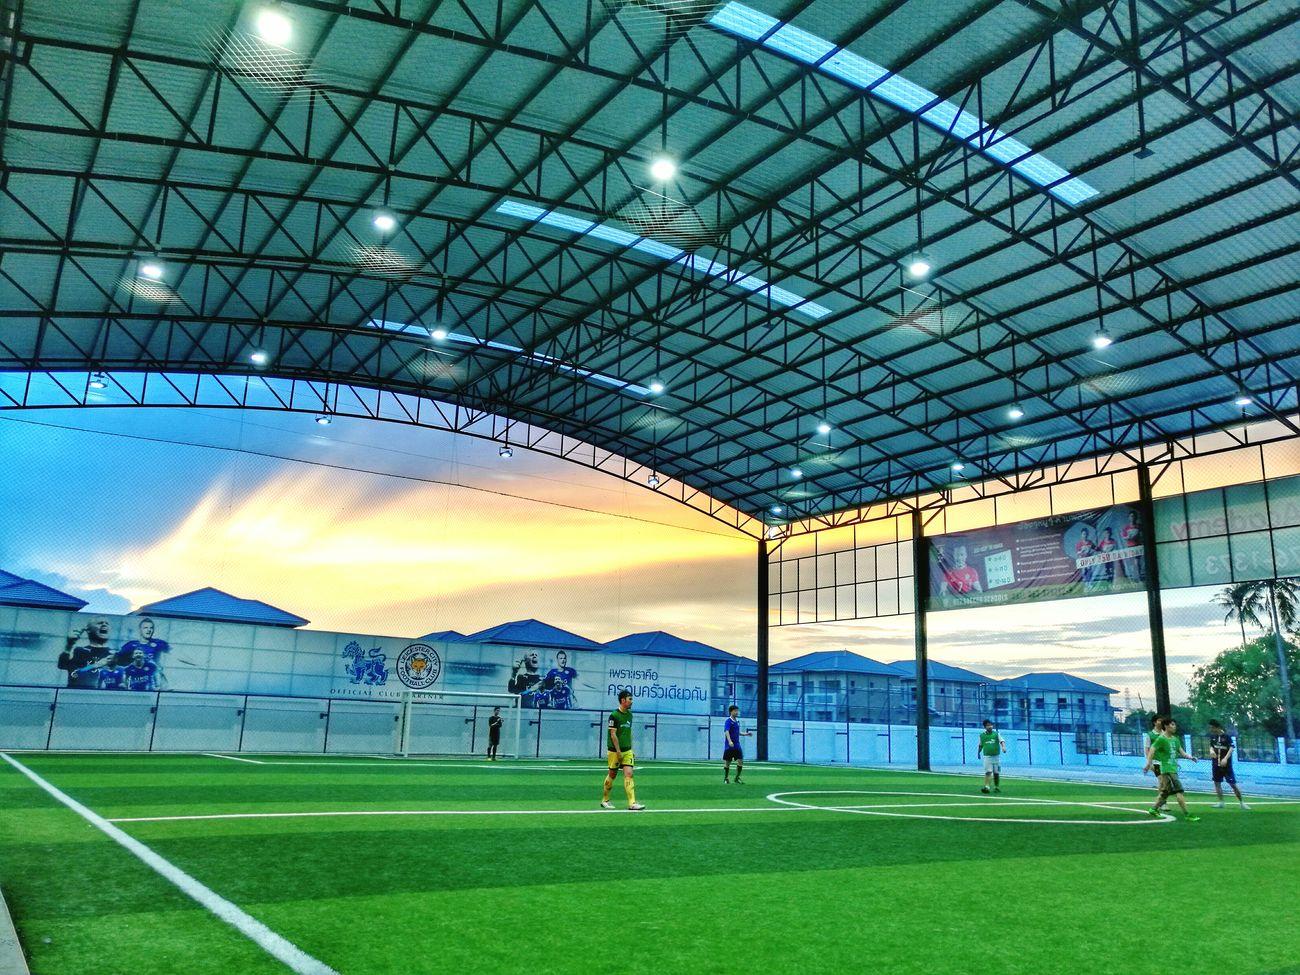 ออกกำลังกายเบาเบา!! Football Time  Soccer Life EyeEm Thailand Eyeem Photography Photo By 😍😌😊 Huawei Huawei Mate 8 Mate8TH 🇹🇭 Showcase August 2016 Huaweiphotography EyeEm Gallery Beautiful Day 28 August 2016 Sports Photography Sports Sport In The City Sport Time